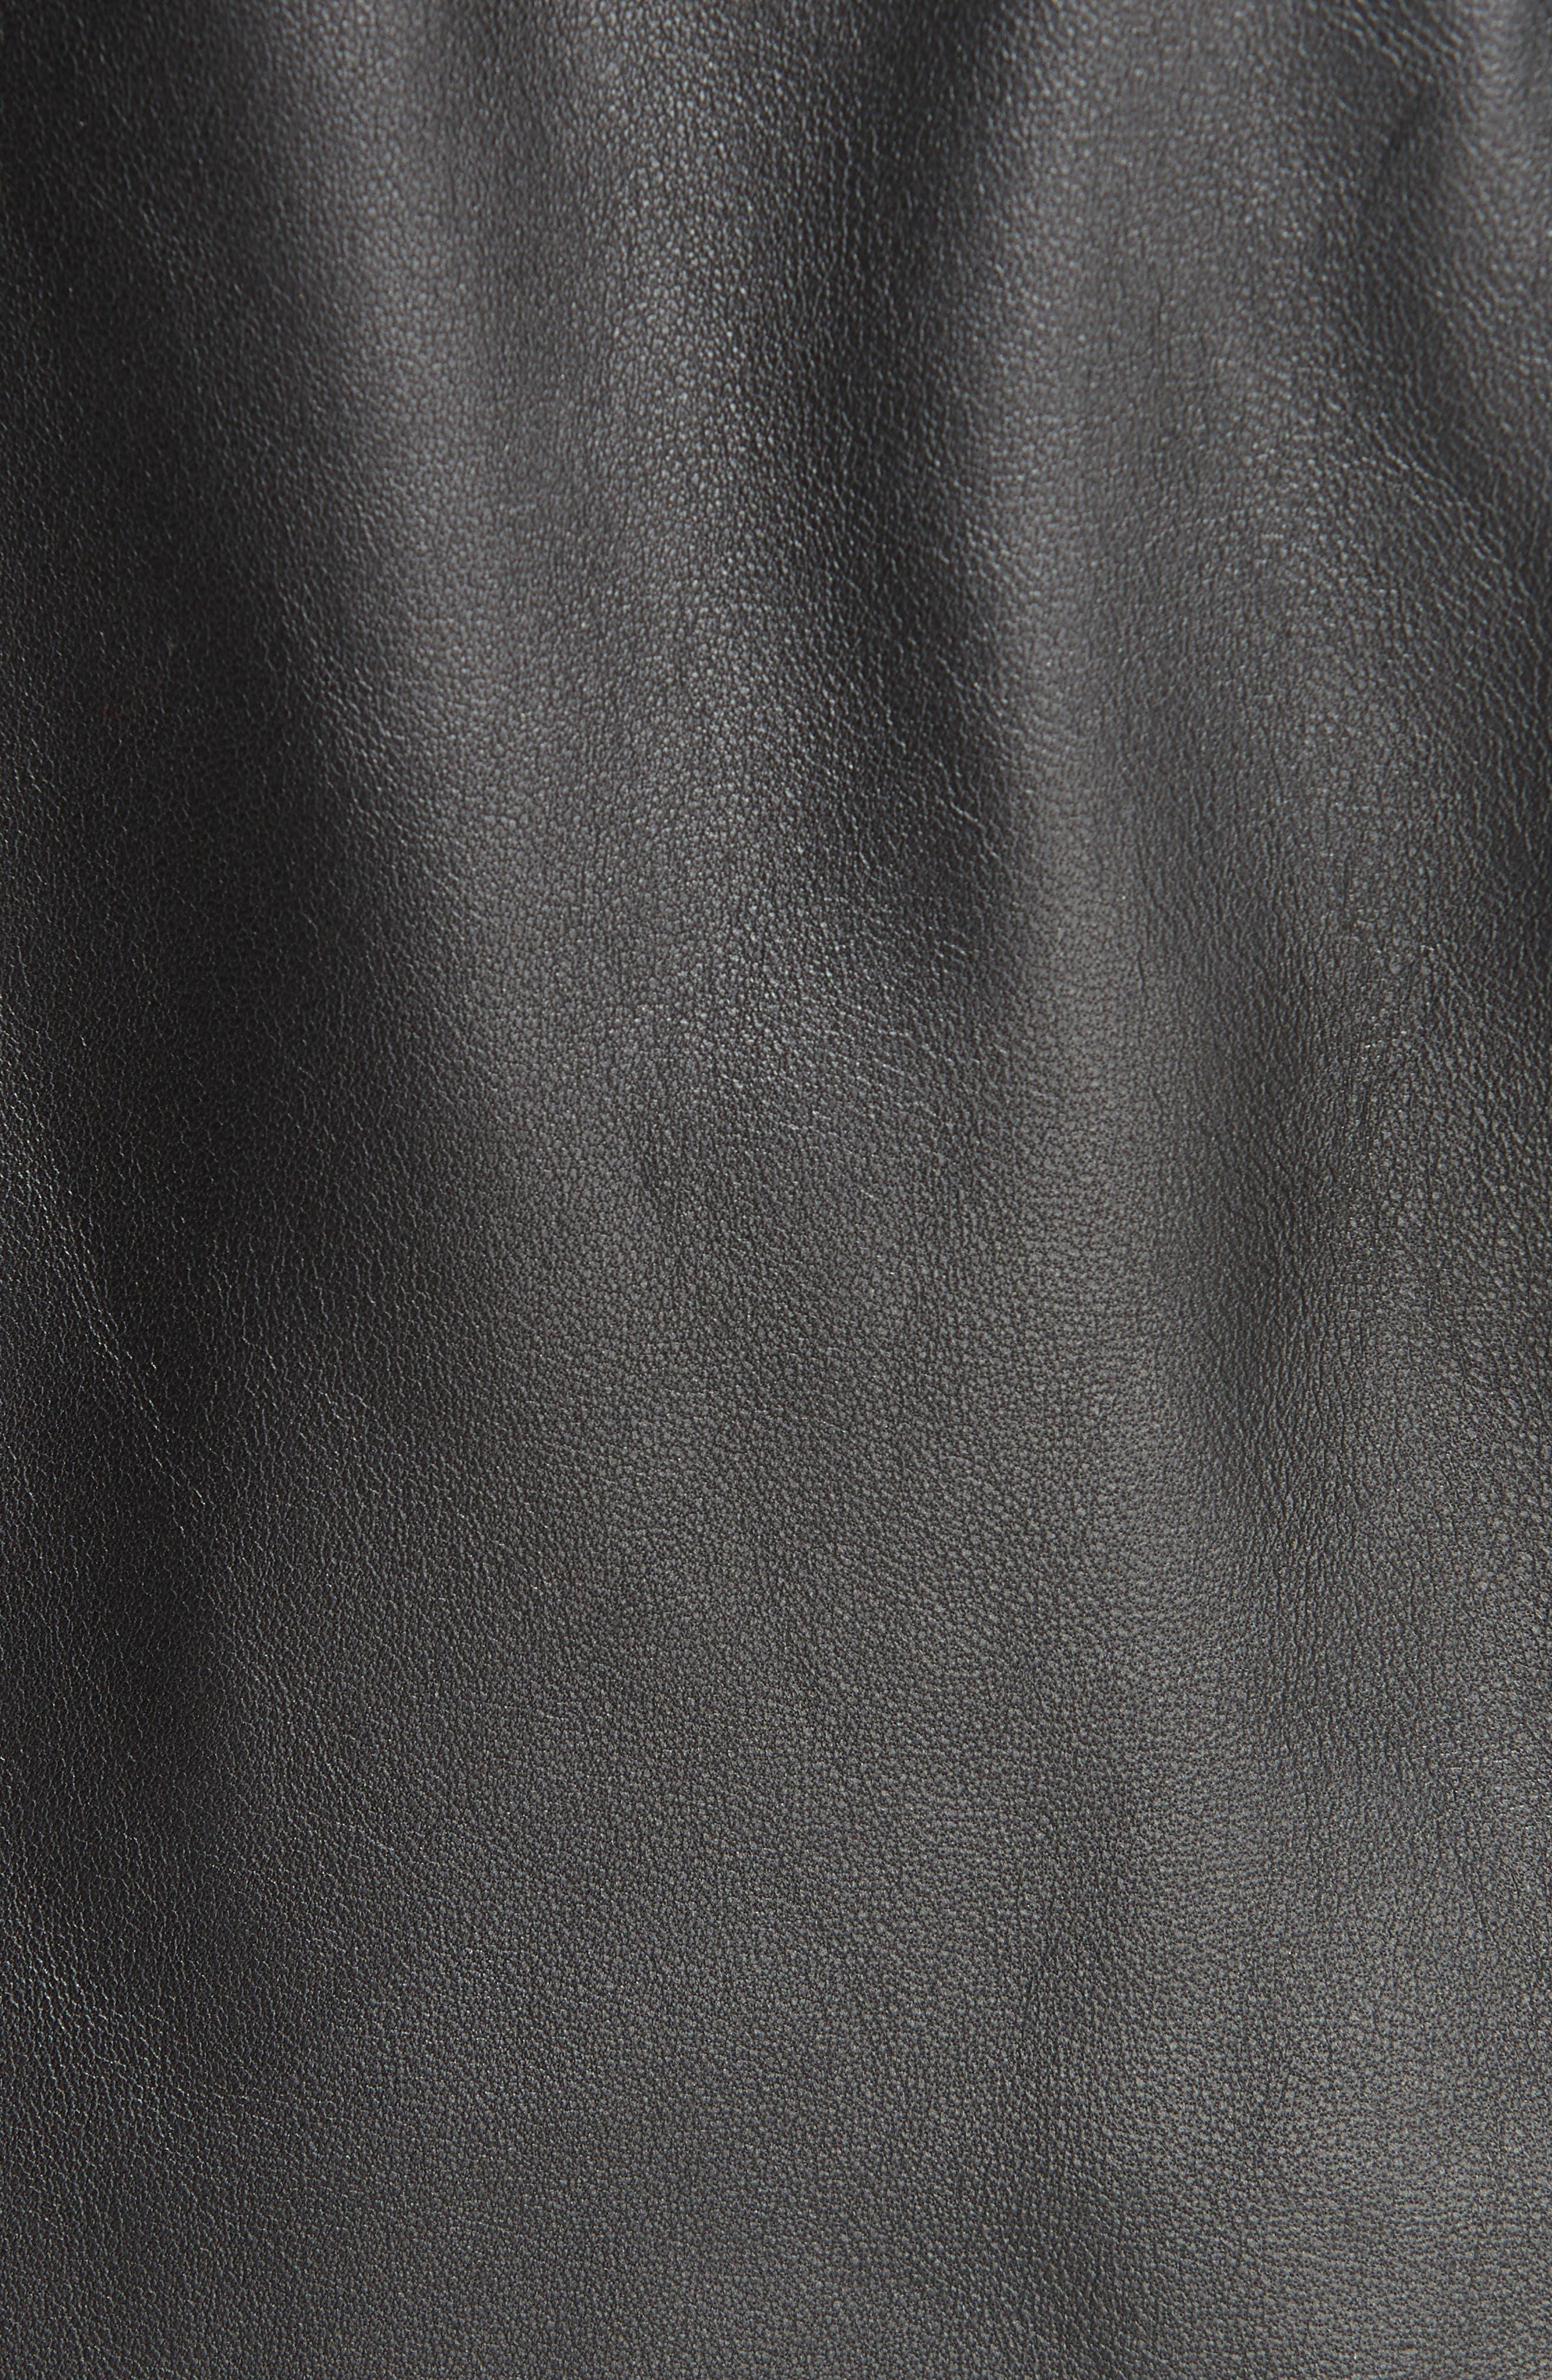 Crop Plongé Leather Jacket,                             Alternate thumbnail 7, color,                             BLACK